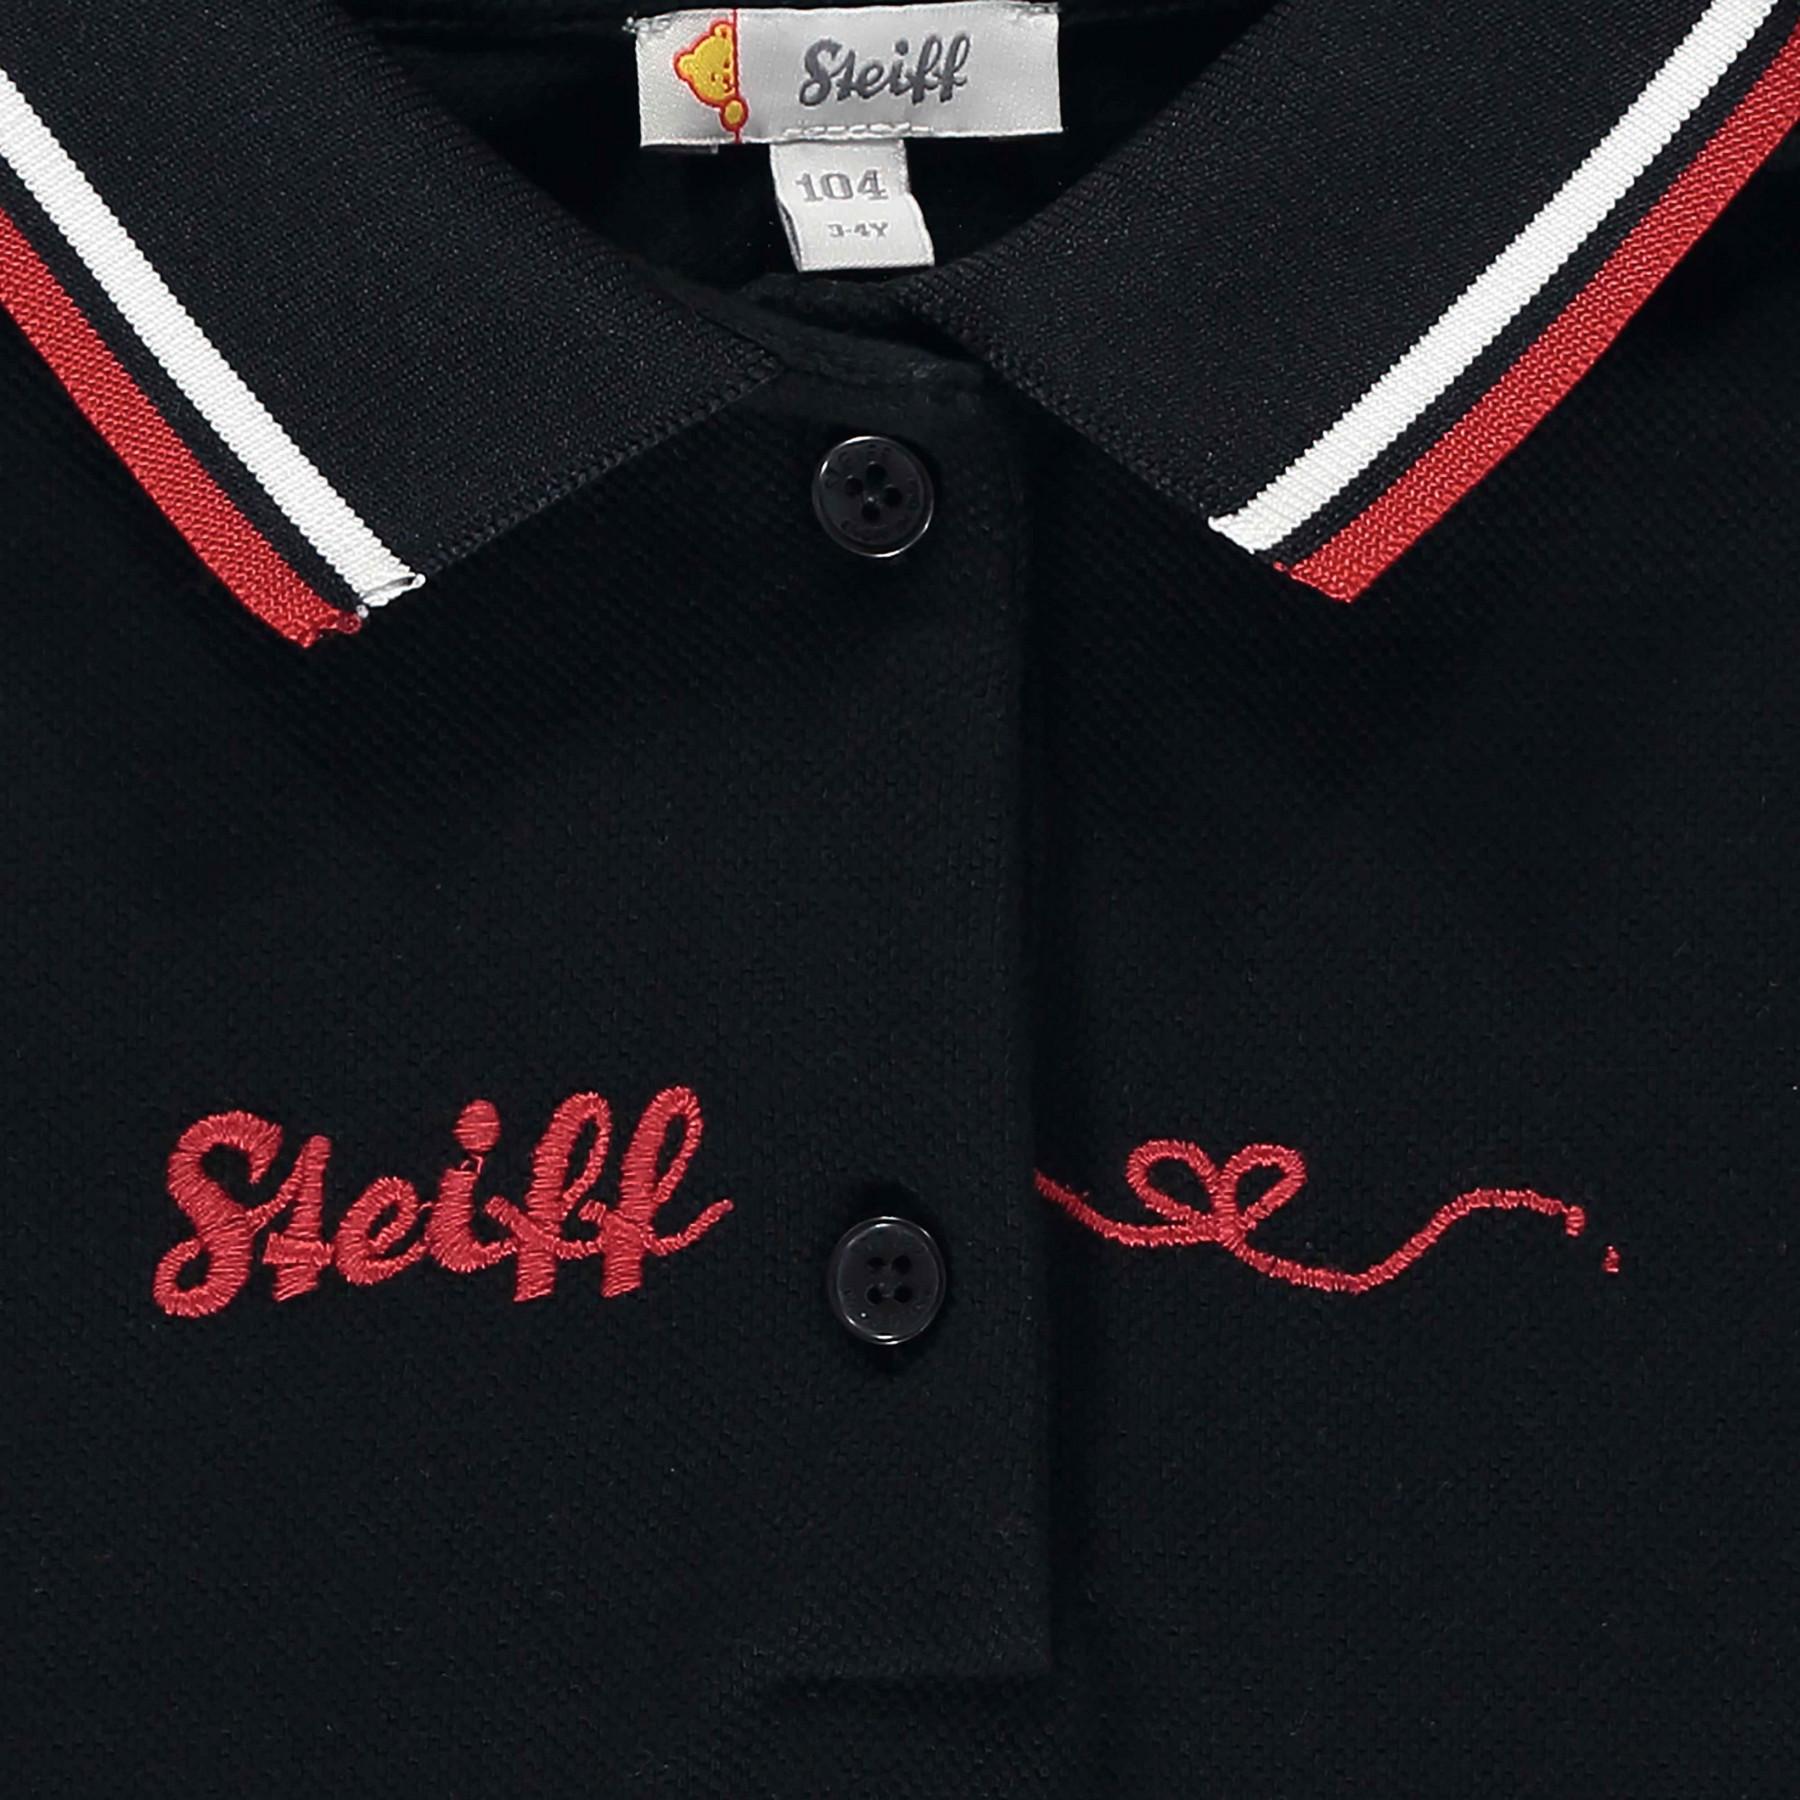 Kleid von Steiff